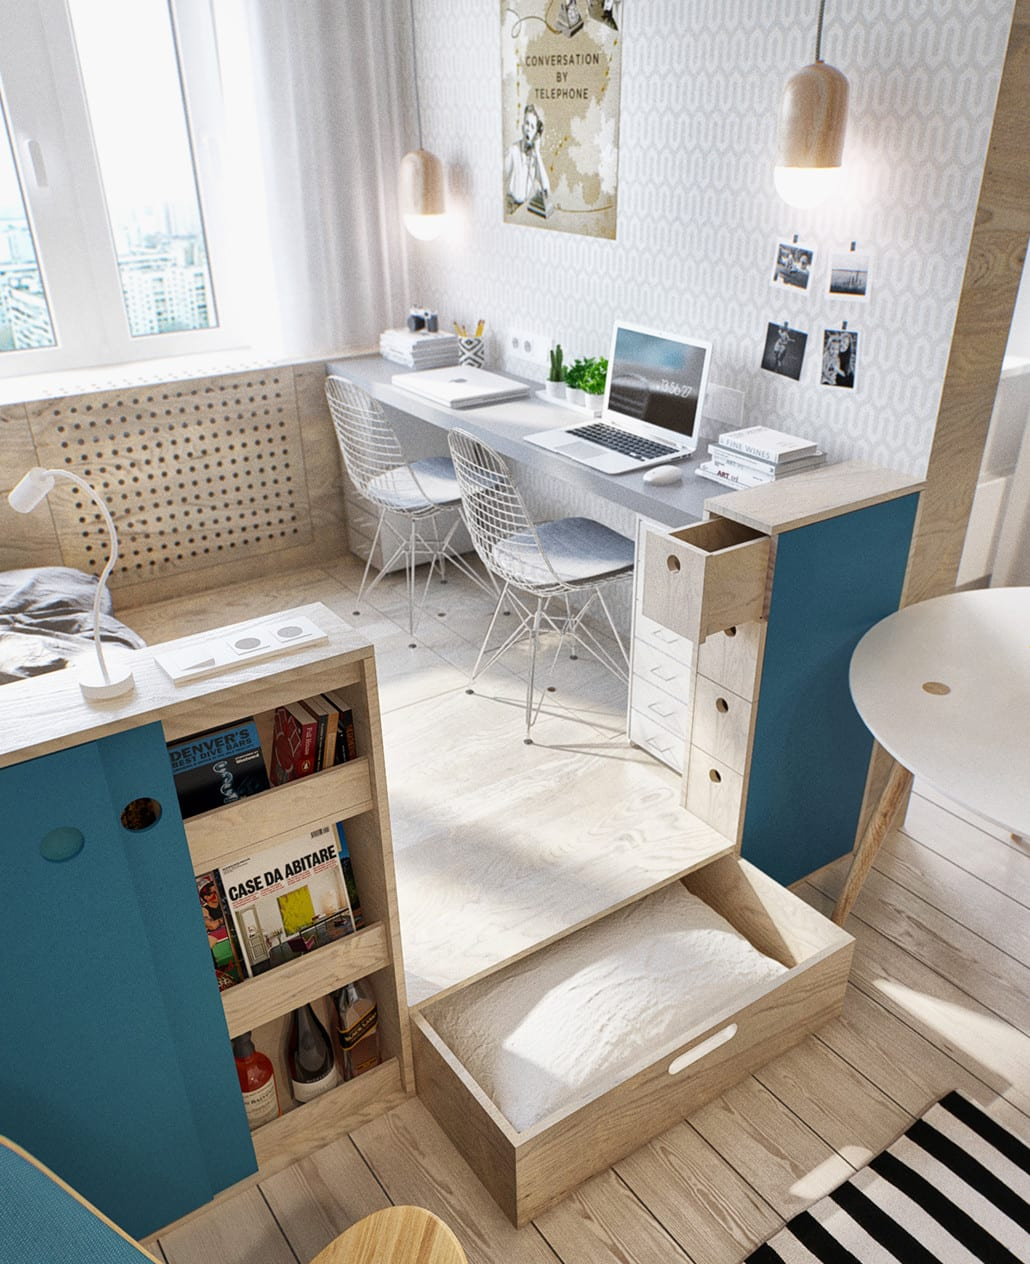 kleine wohnung mit loftbett auf Holzpodest mit schublade und doppelschreibtisch mit pendellampen als design inspiration für moderne einzimmerwohnungen